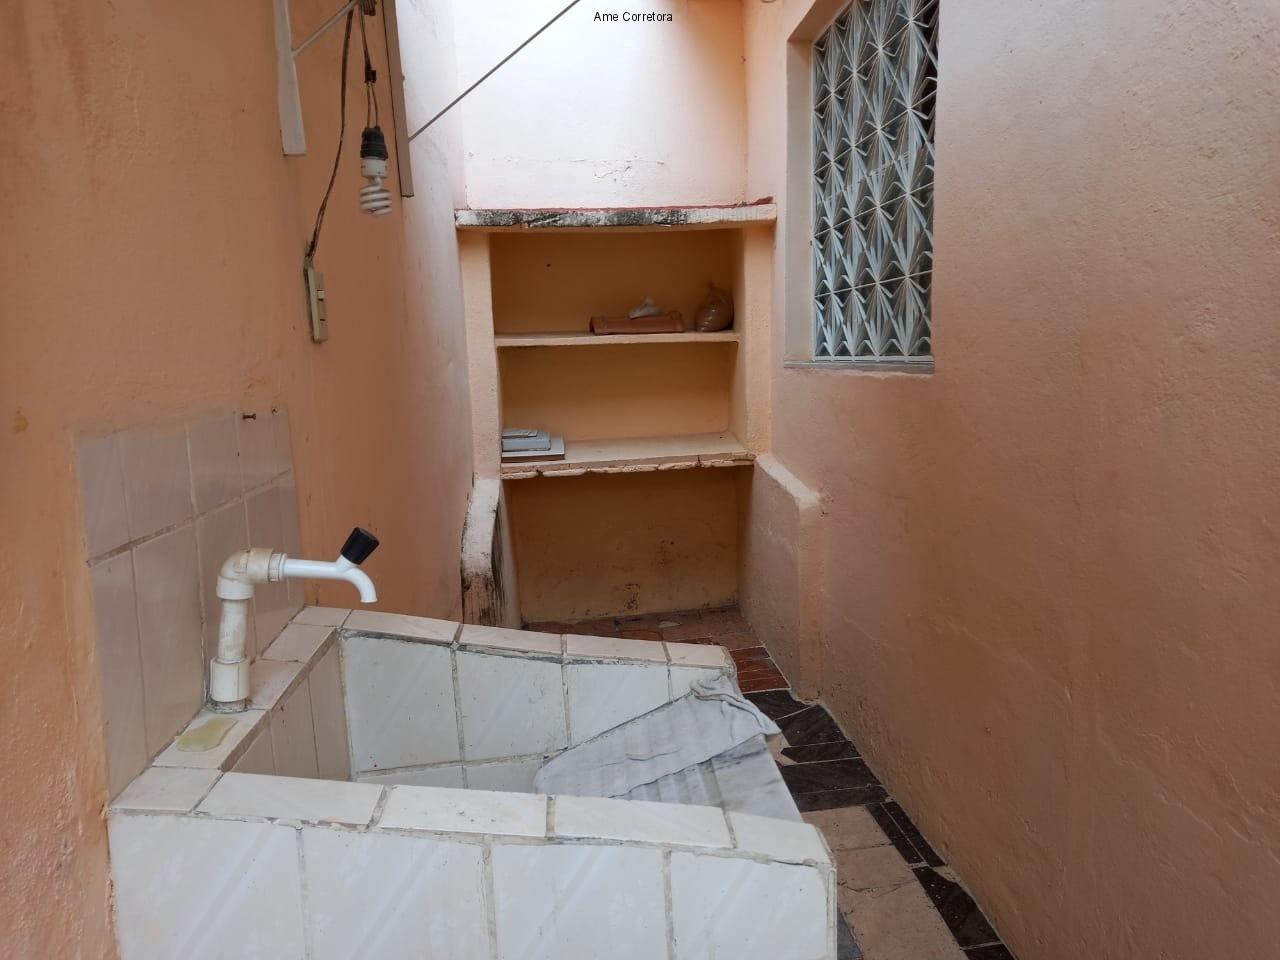 FOTO 18 - Casa 2 quartos para venda e aluguel Campo Grande, Rio de Janeiro - R$ 200.000 - CA00863 - 17